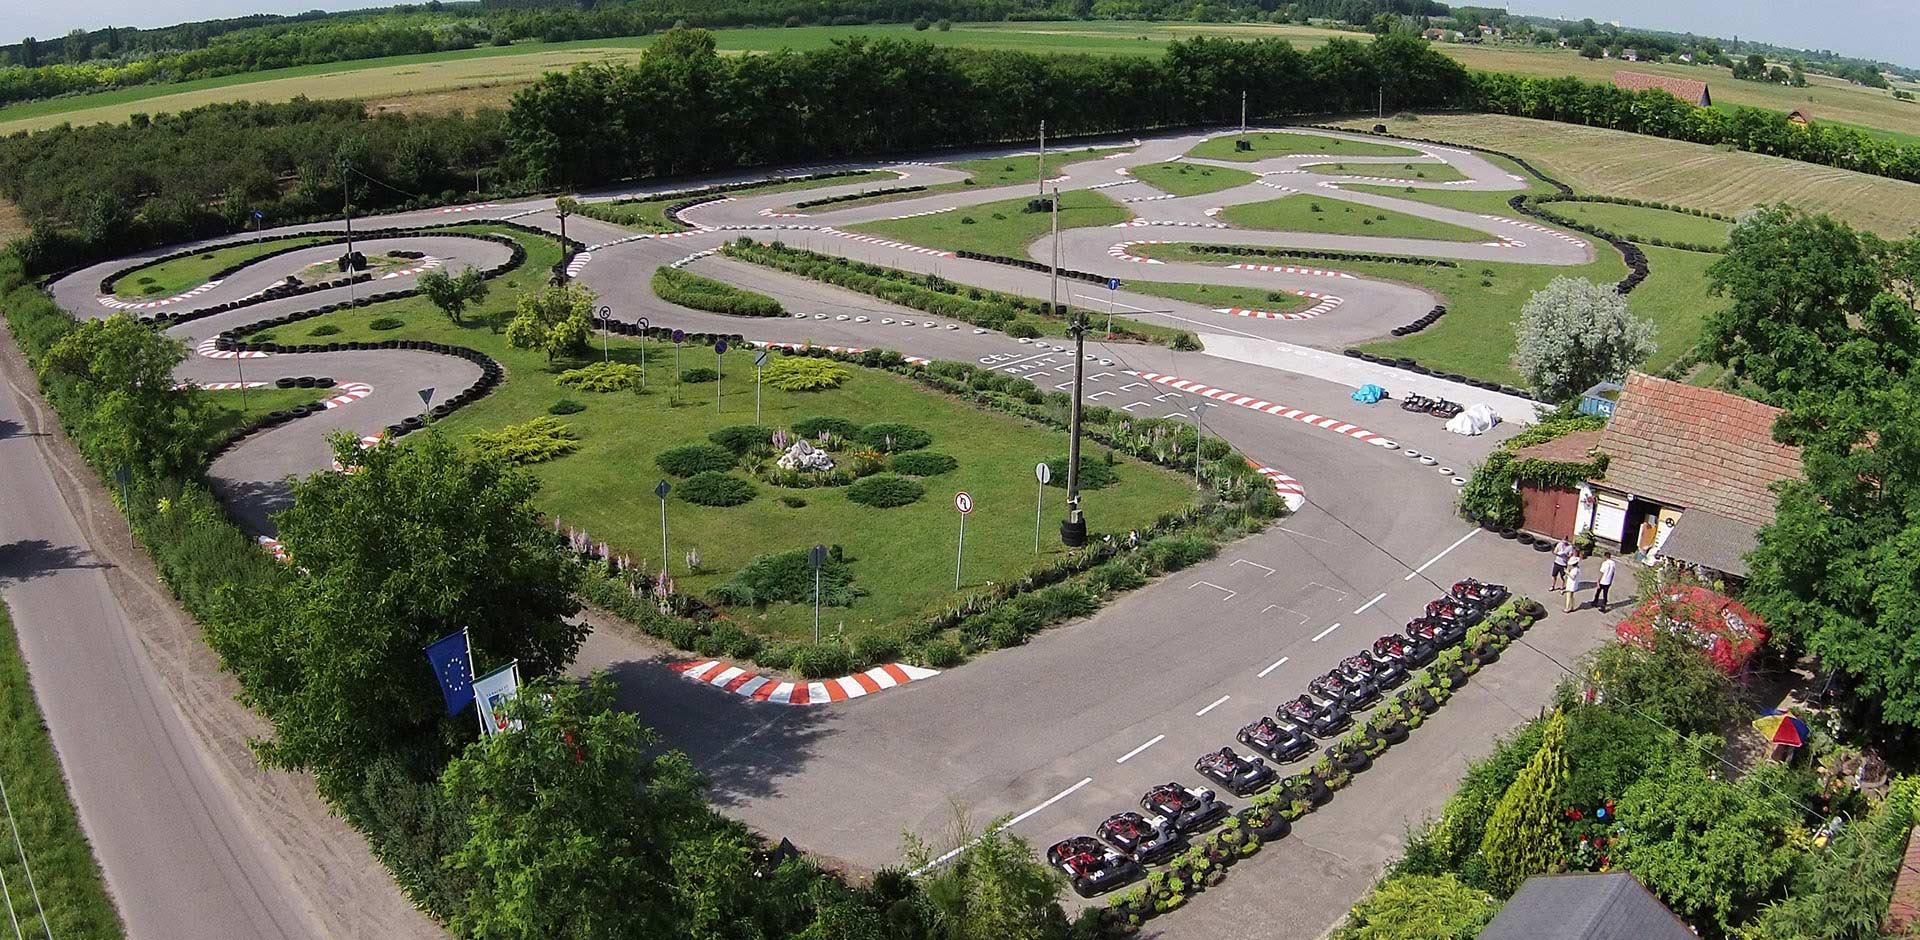 Willkommen in der Bognar Karting Park<p> </ p> Ungarns längste (820 m) gebaut, um einen Amateur Go-Kart-Bahn